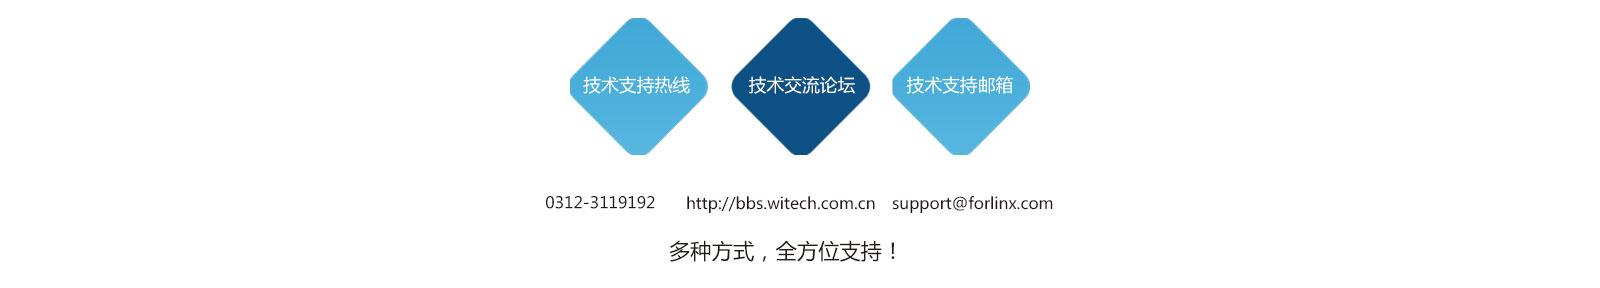 iMX6uL ji术支持fang式